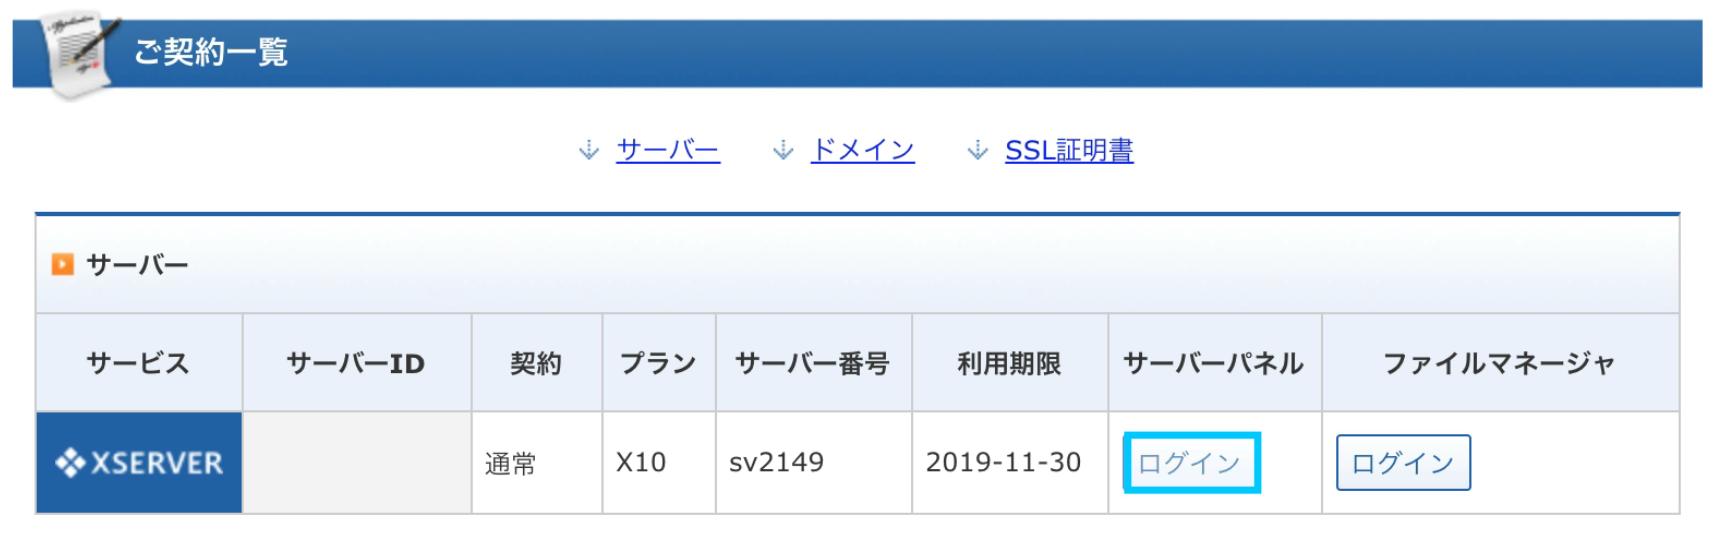 Xserverのサーバーパネルにログインする